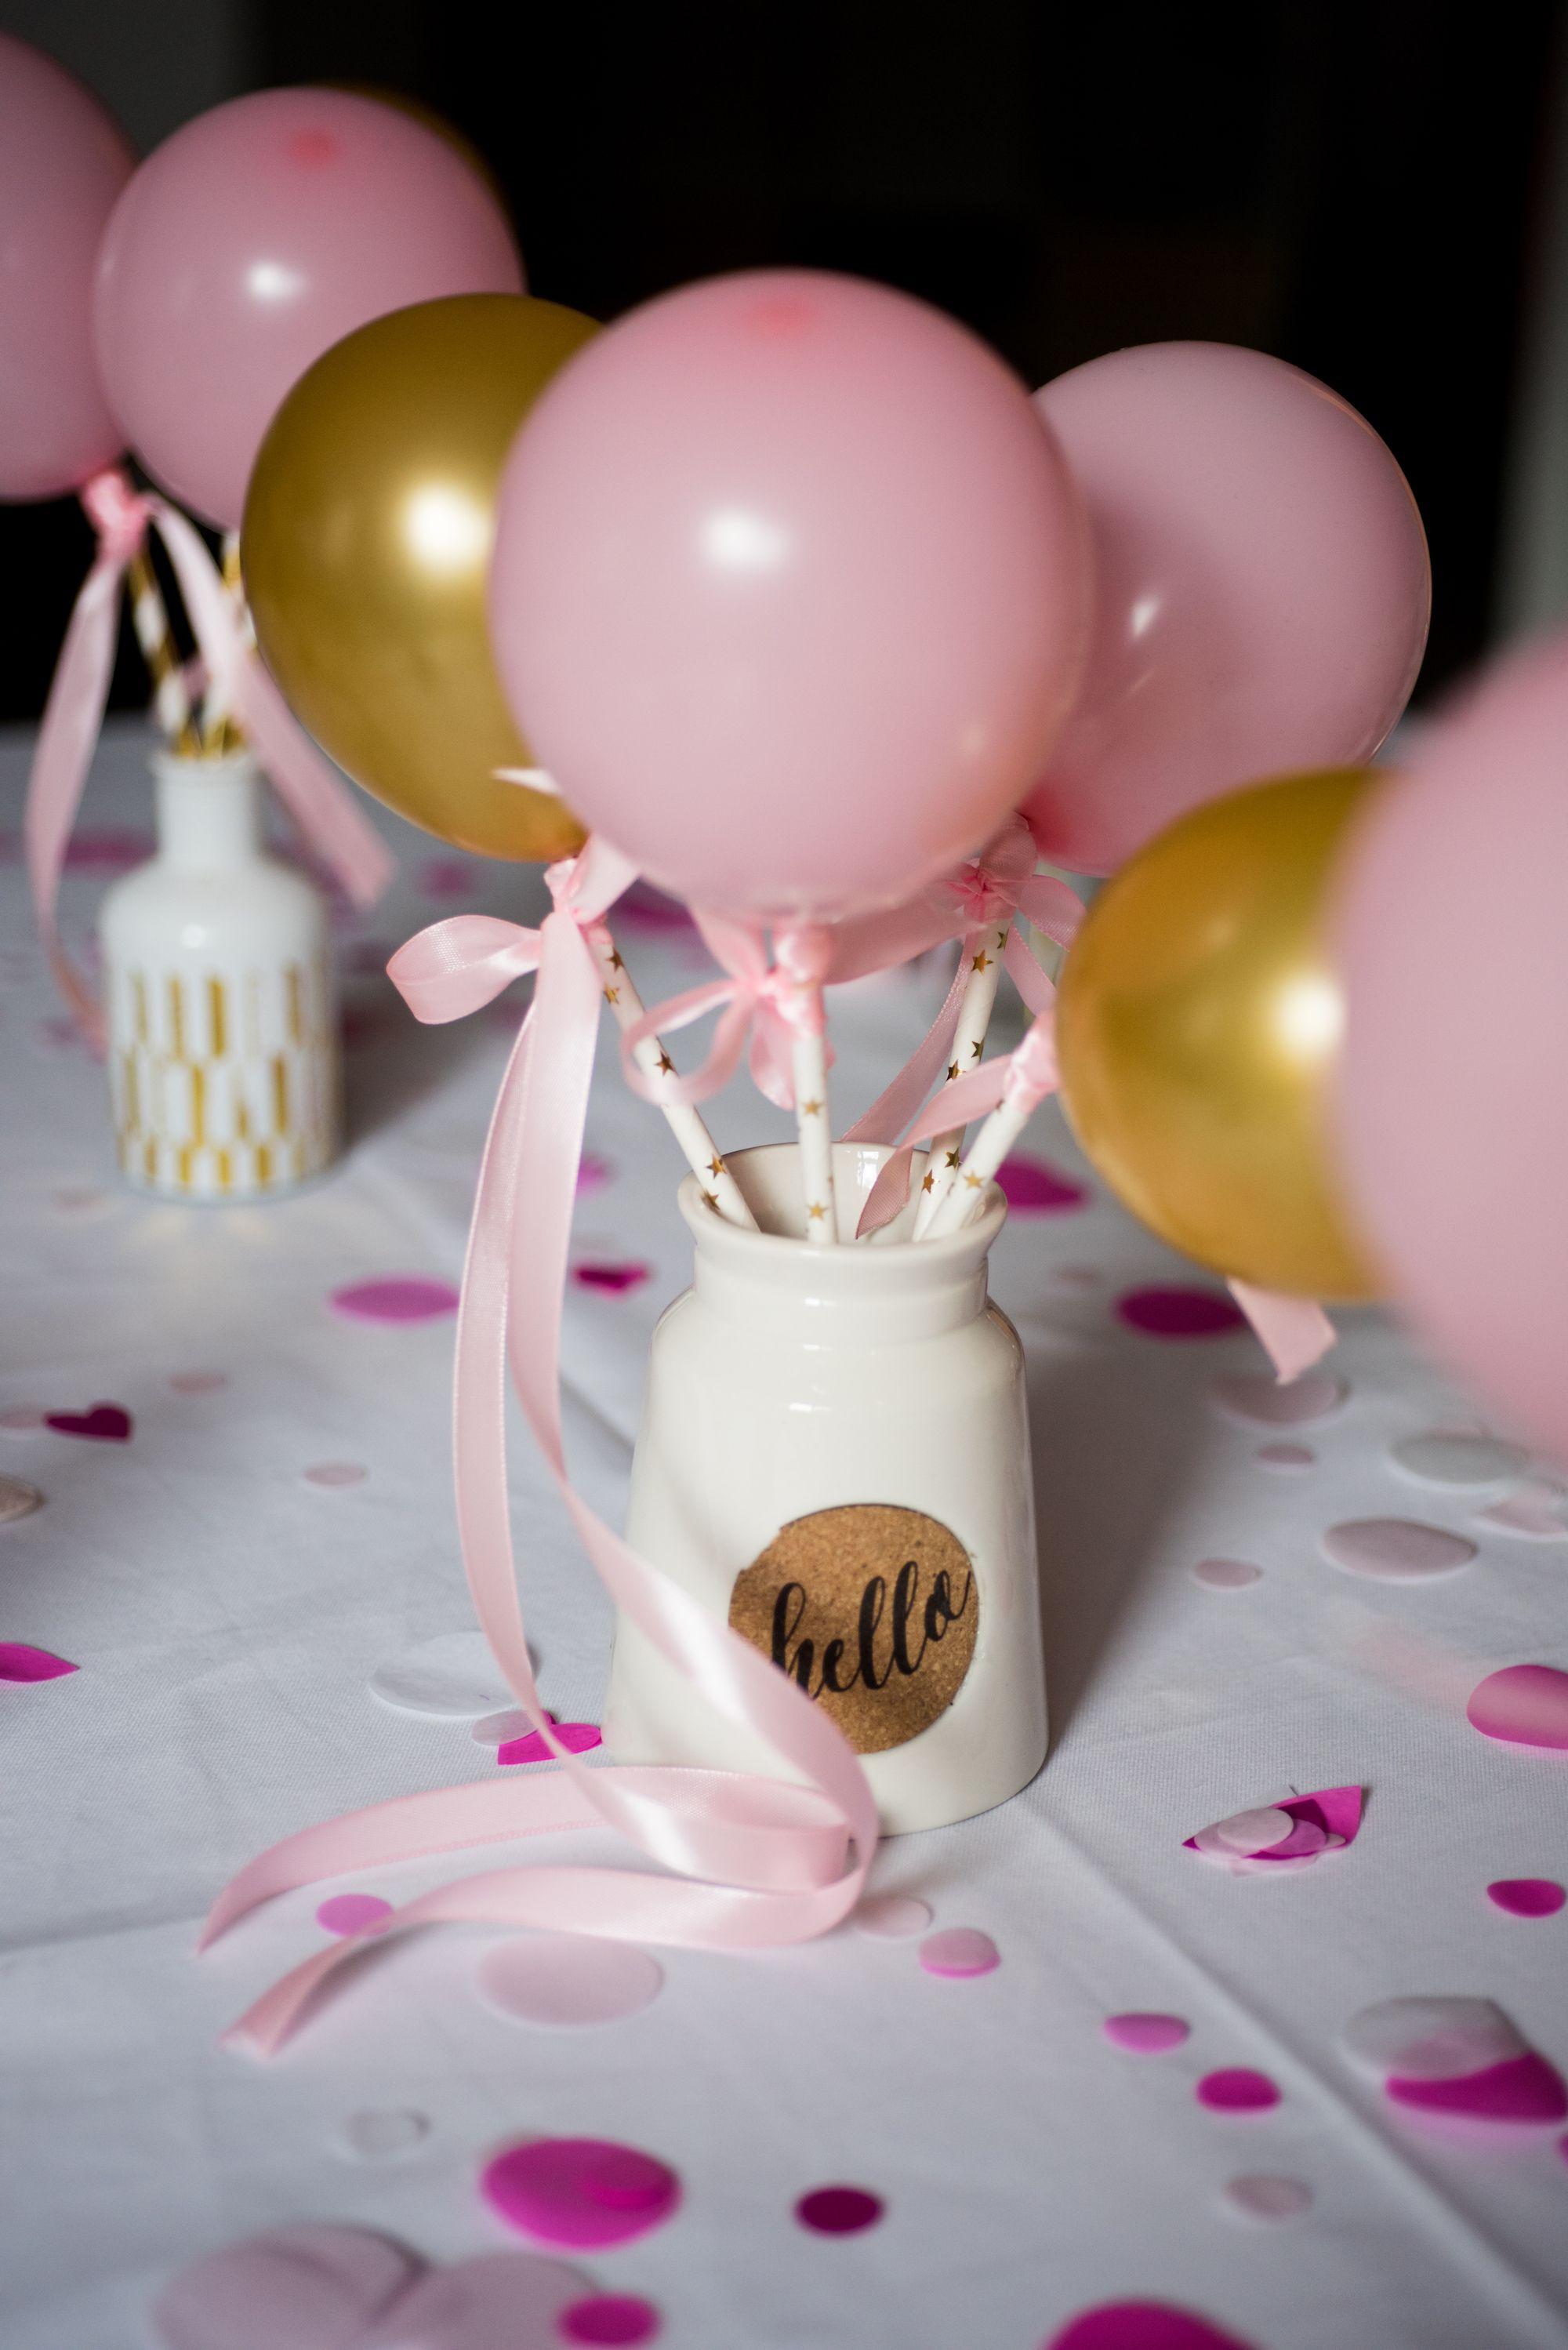 Male Balony Na Slomkach Jak Je Zrobic Potrzebne Sa Do Tego 3 Rzeczy Male Balony Slomki I Wstazka Do Napompowanych Balonow Tr Party Decorations Party Decor